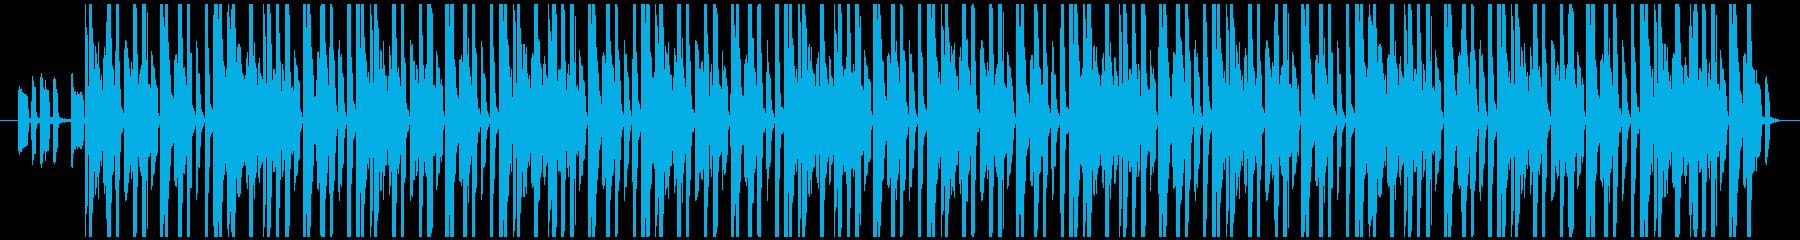 ゲームフィールドをイメージの再生済みの波形